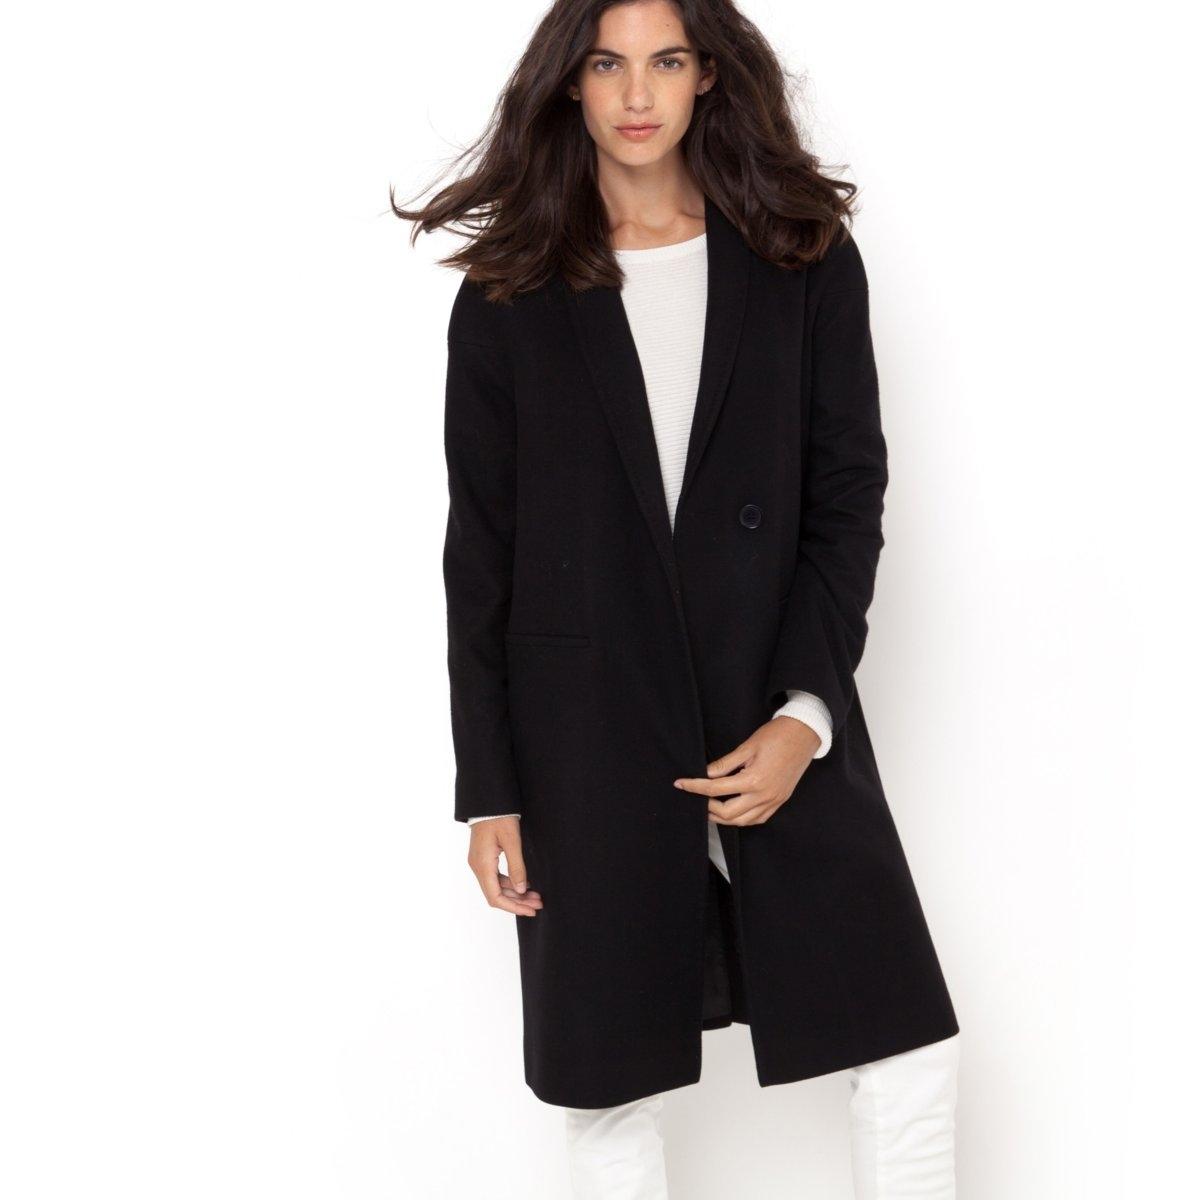 Пальто 80% шерстиПальто LAURA CL?MENT. Овальная форма, длинное пальто. 80% шерсти, 20% полиэстера. Подкладка из полиэстера. Шалевый воротник. Длинные рукава, приспущенные проймы. Застежка на 1 пуговицу. 2 кармана по бокам. Длина ок. 103 см.<br><br>Цвет: черный<br>Размер: 42 (FR) - 48 (RUS)